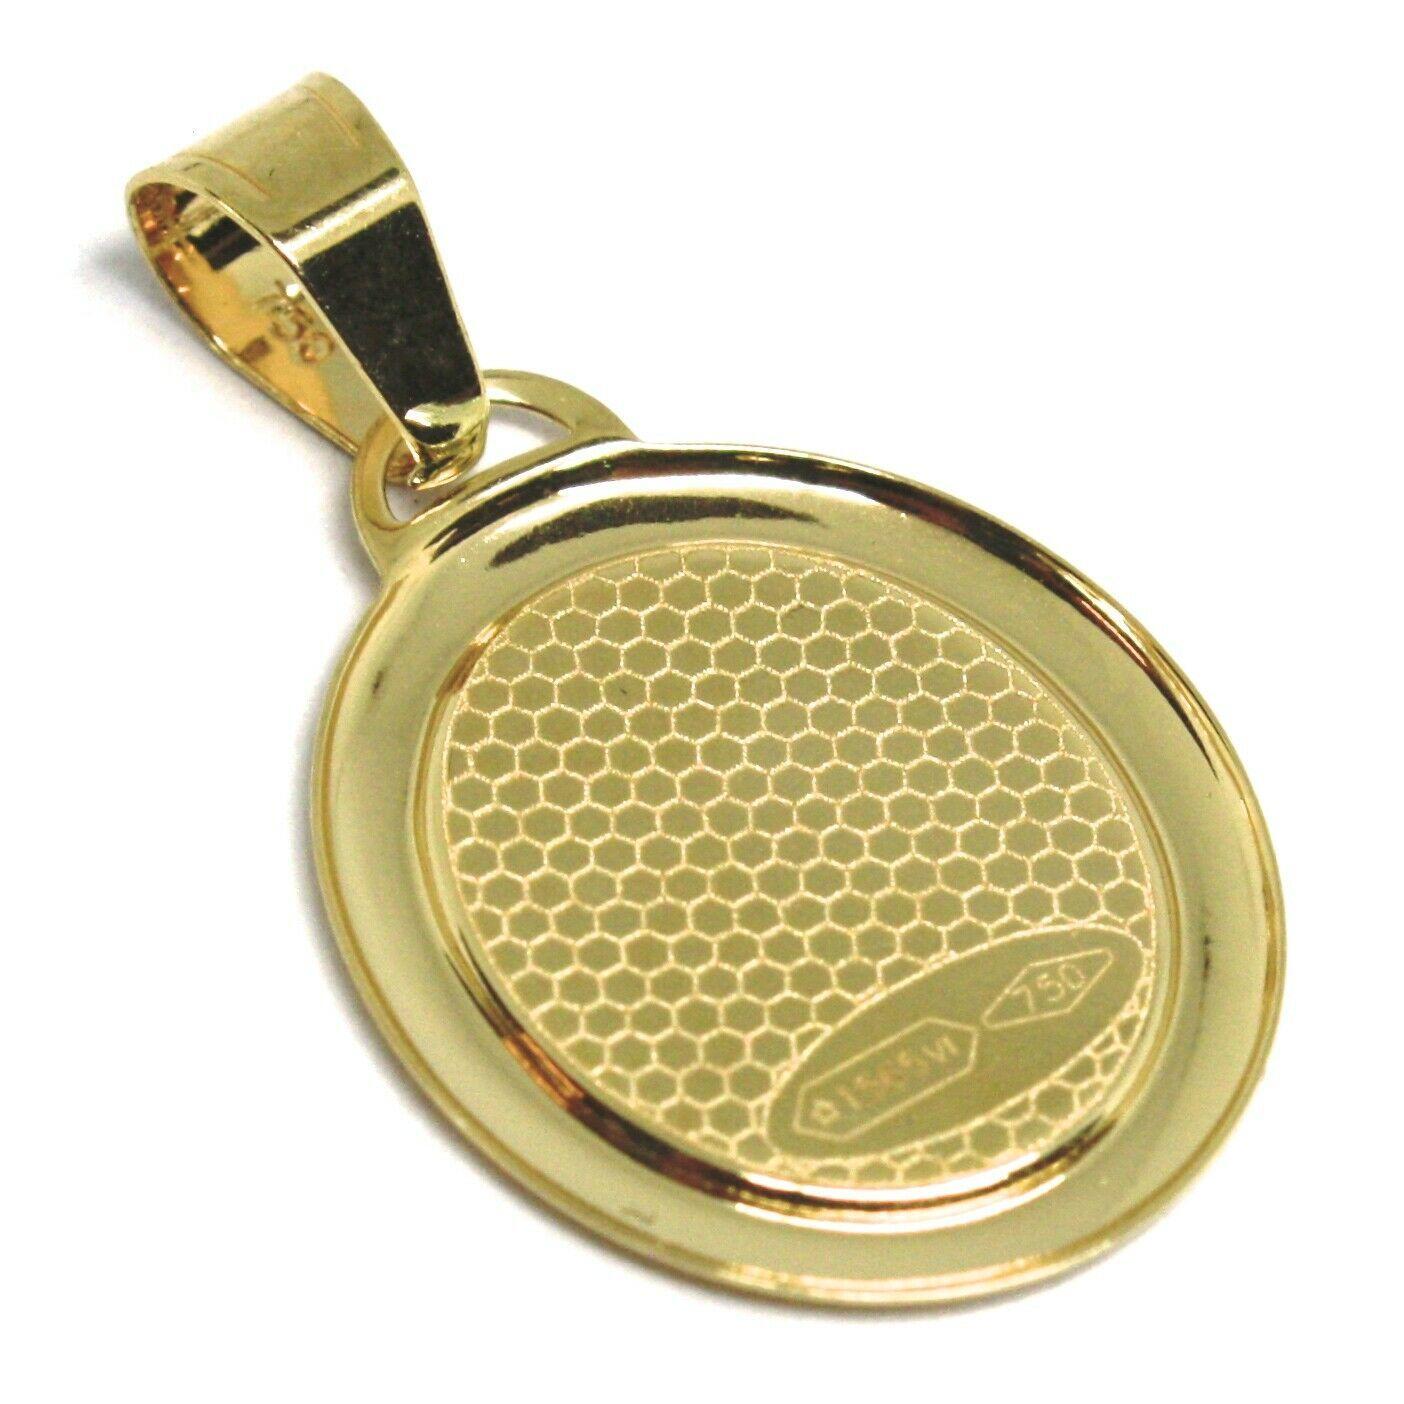 Anhänger Medaille Gelbgold 750 18k, Madonna von Lourdes mit Hirten Oval